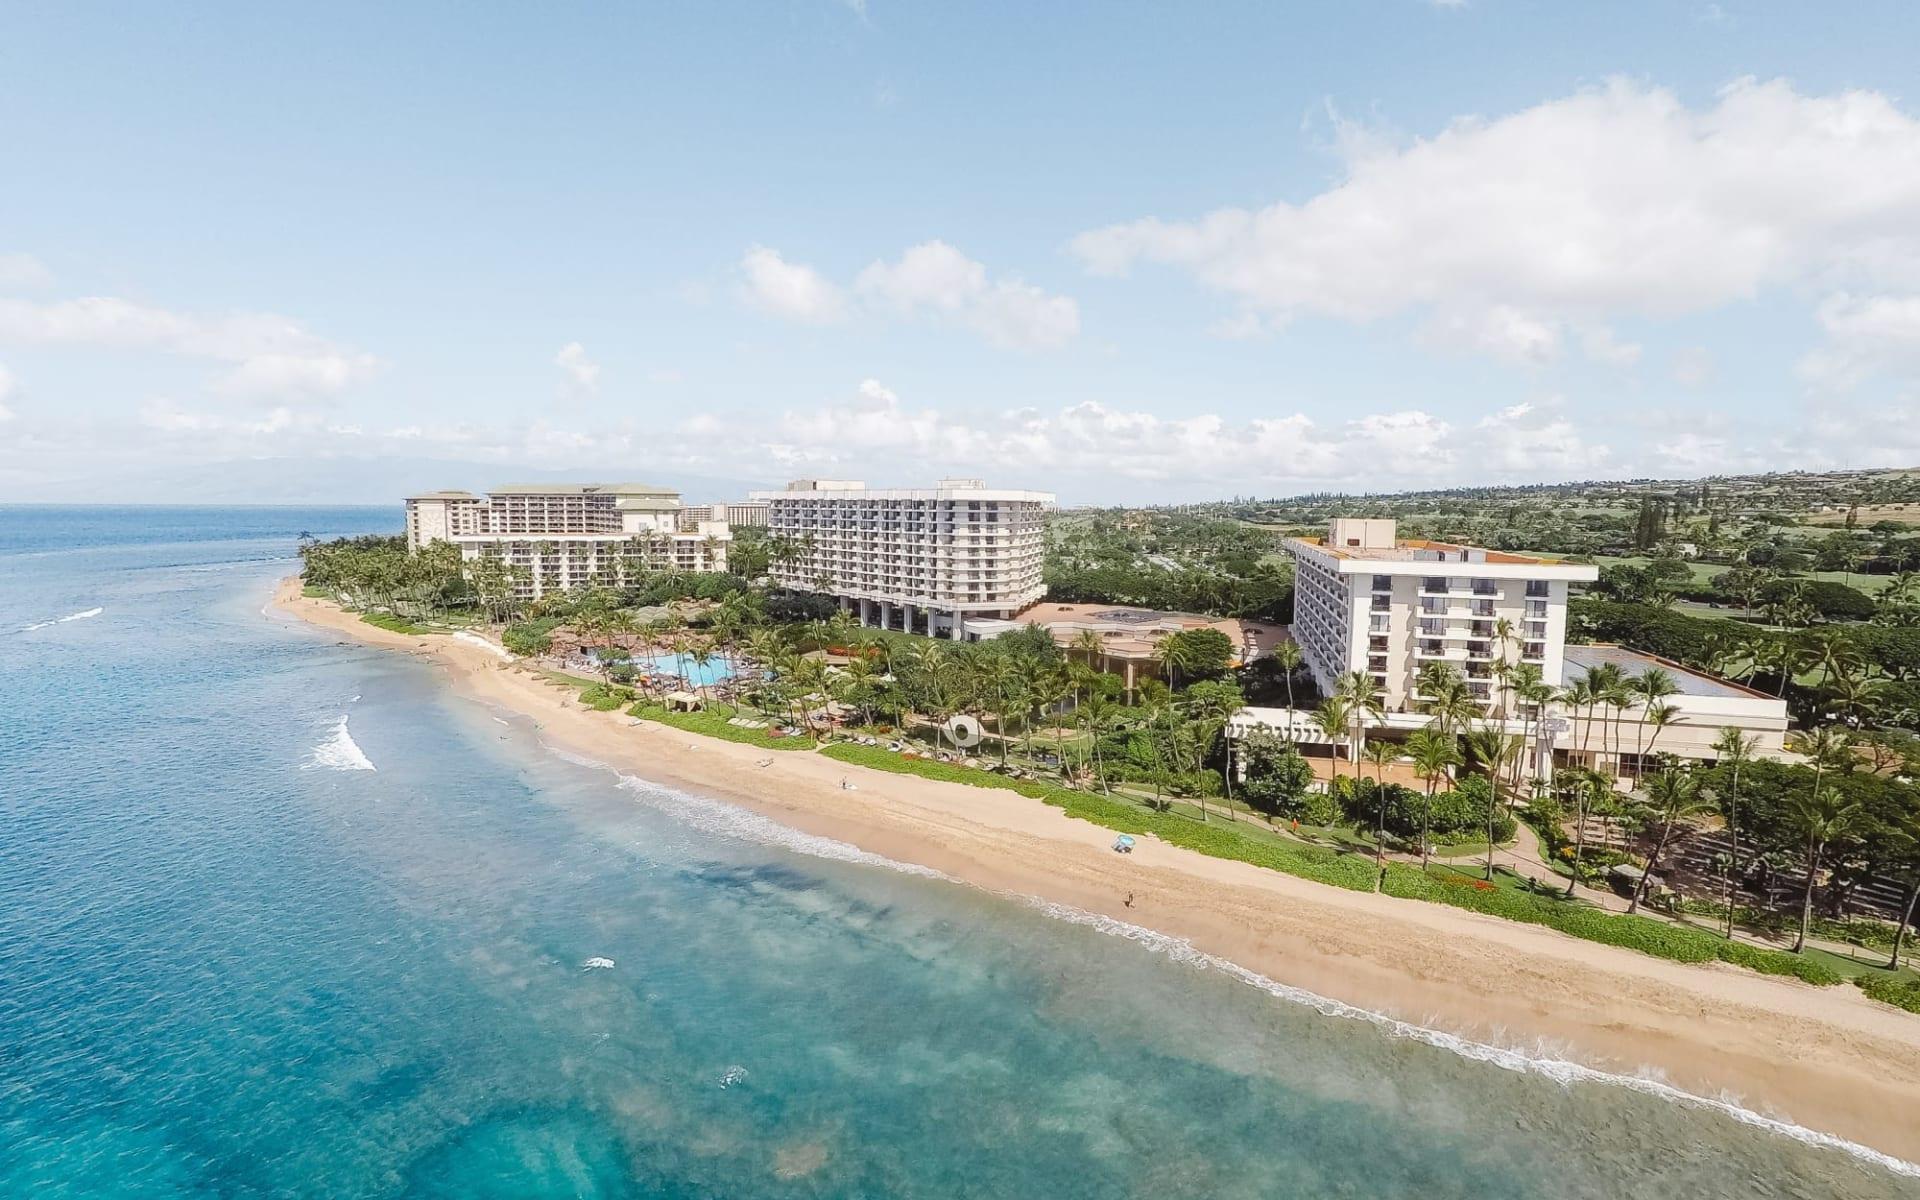 Hyatt Regency Maui Resort & Spa in Lahaina - Maui: Exterior_Hyatt Regency Maui_Aussenansicht_ATI